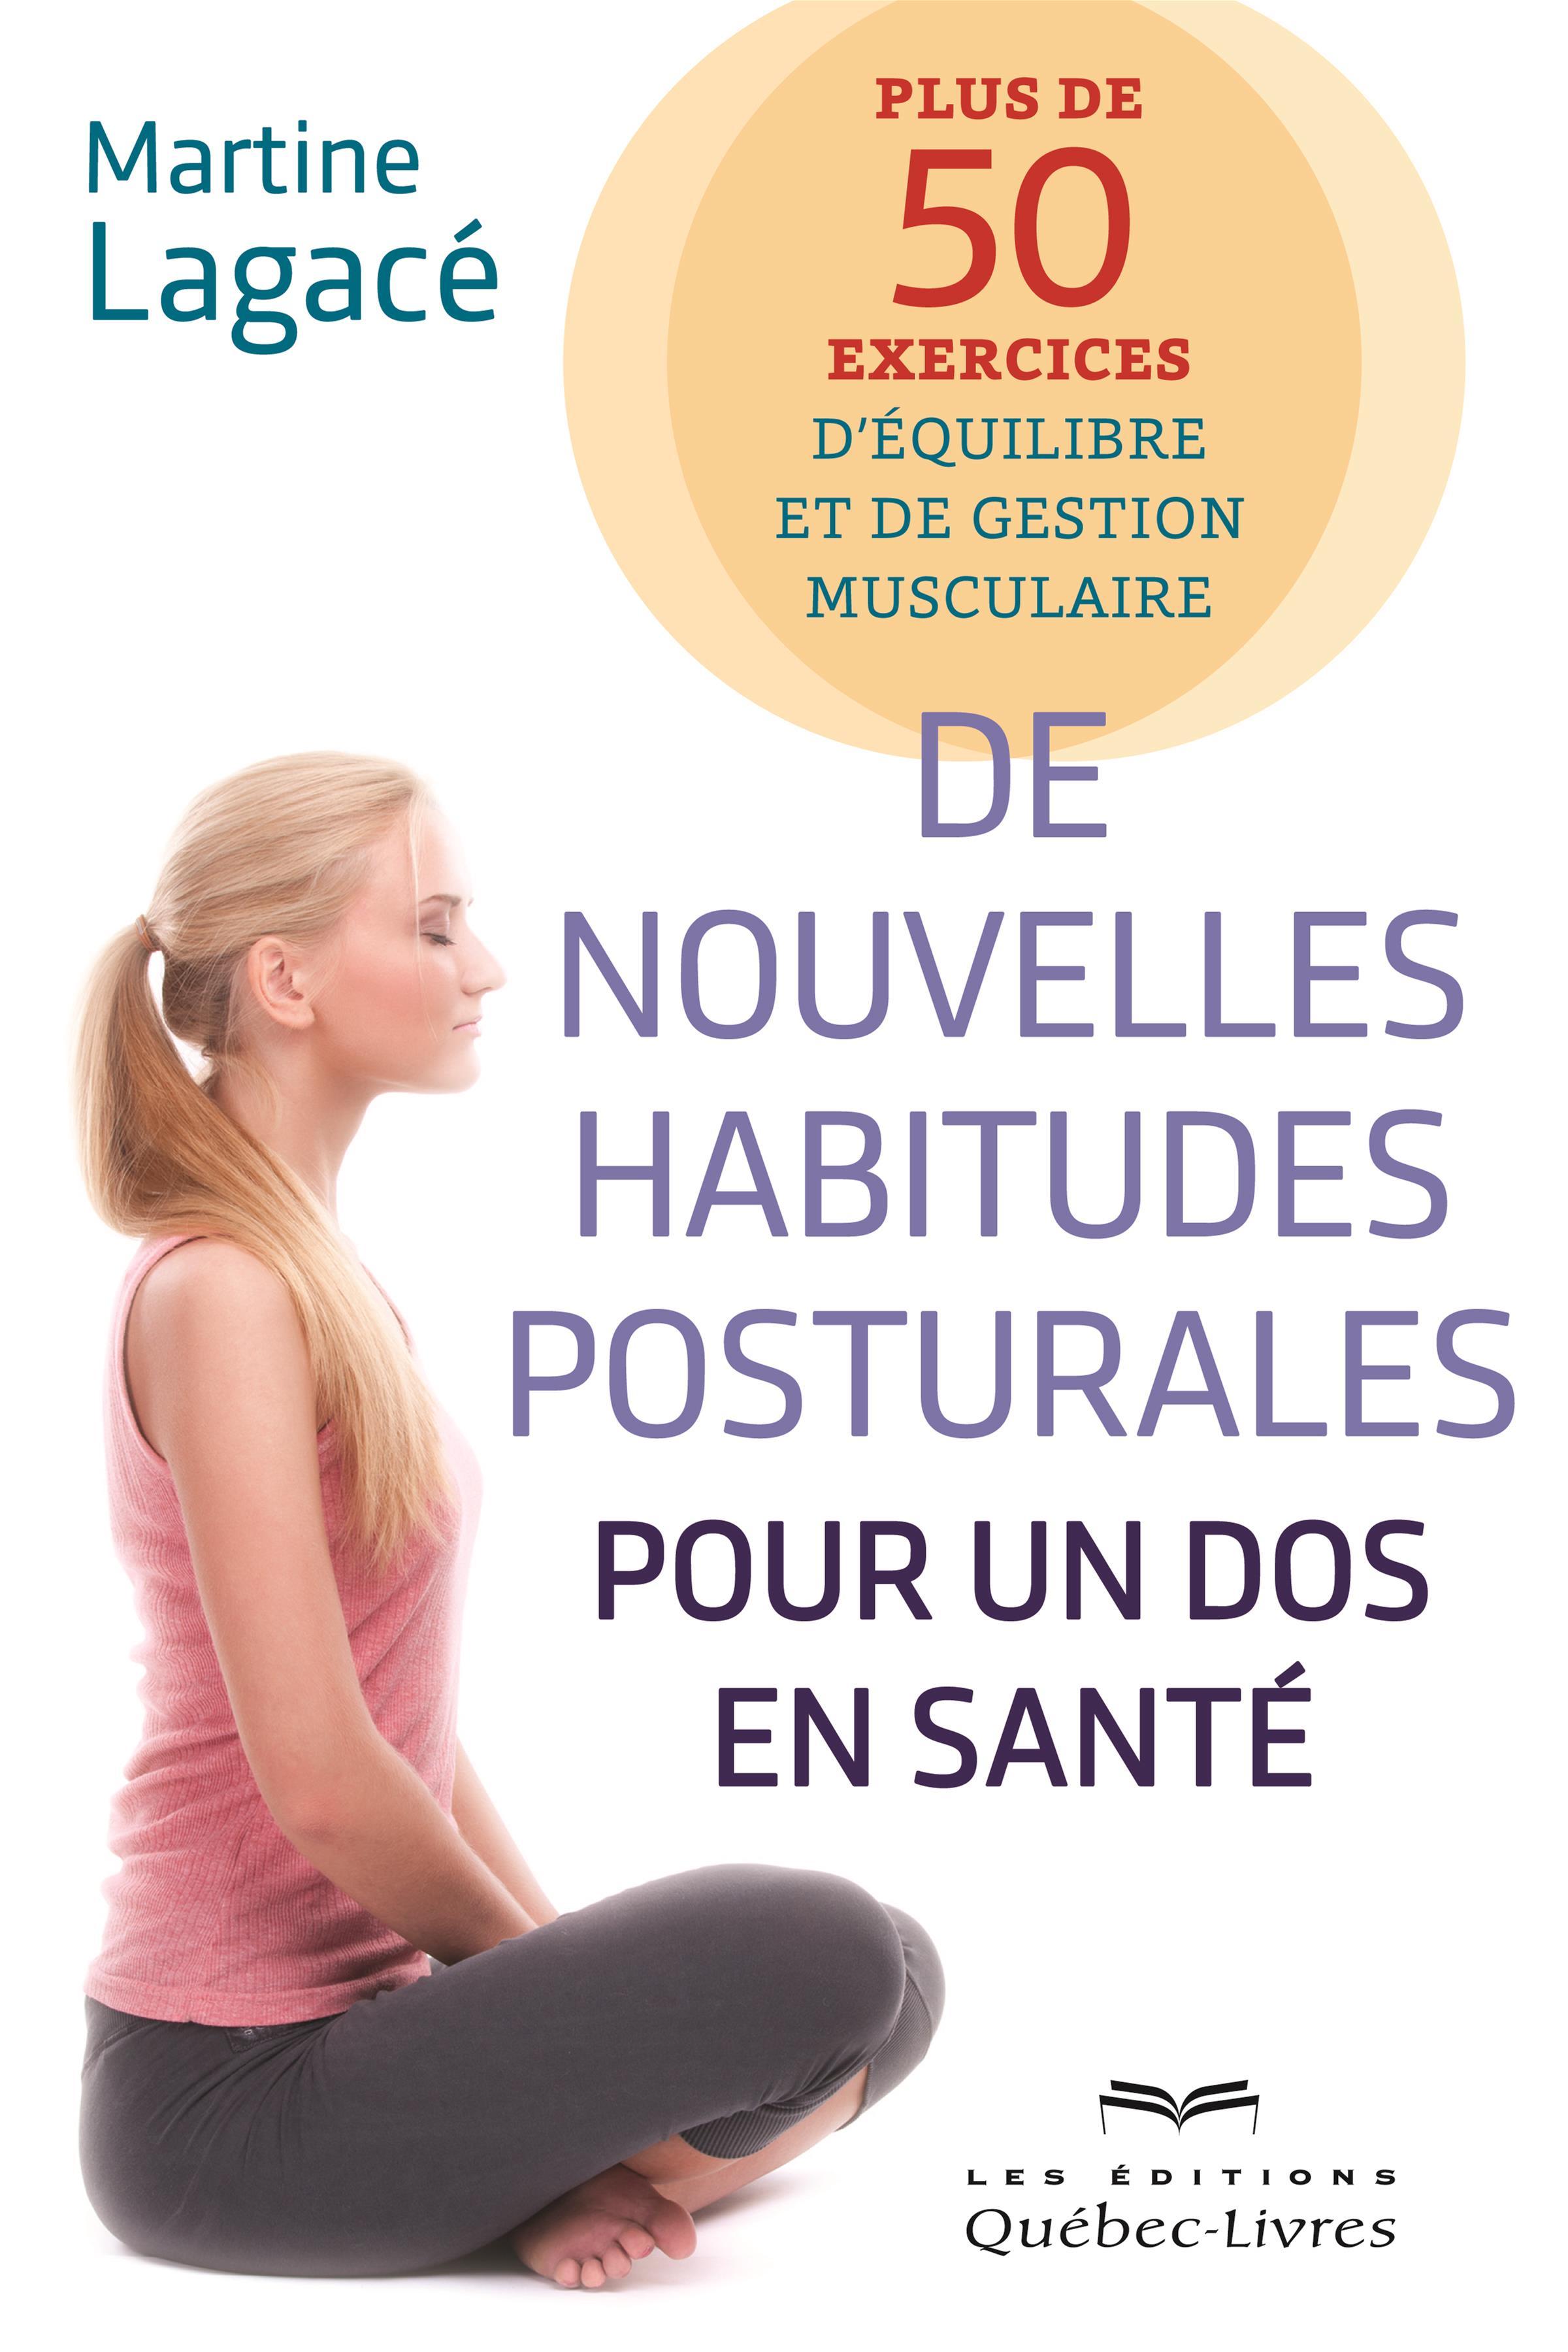 De nouvelles habitudes posturales pour un dos en santé